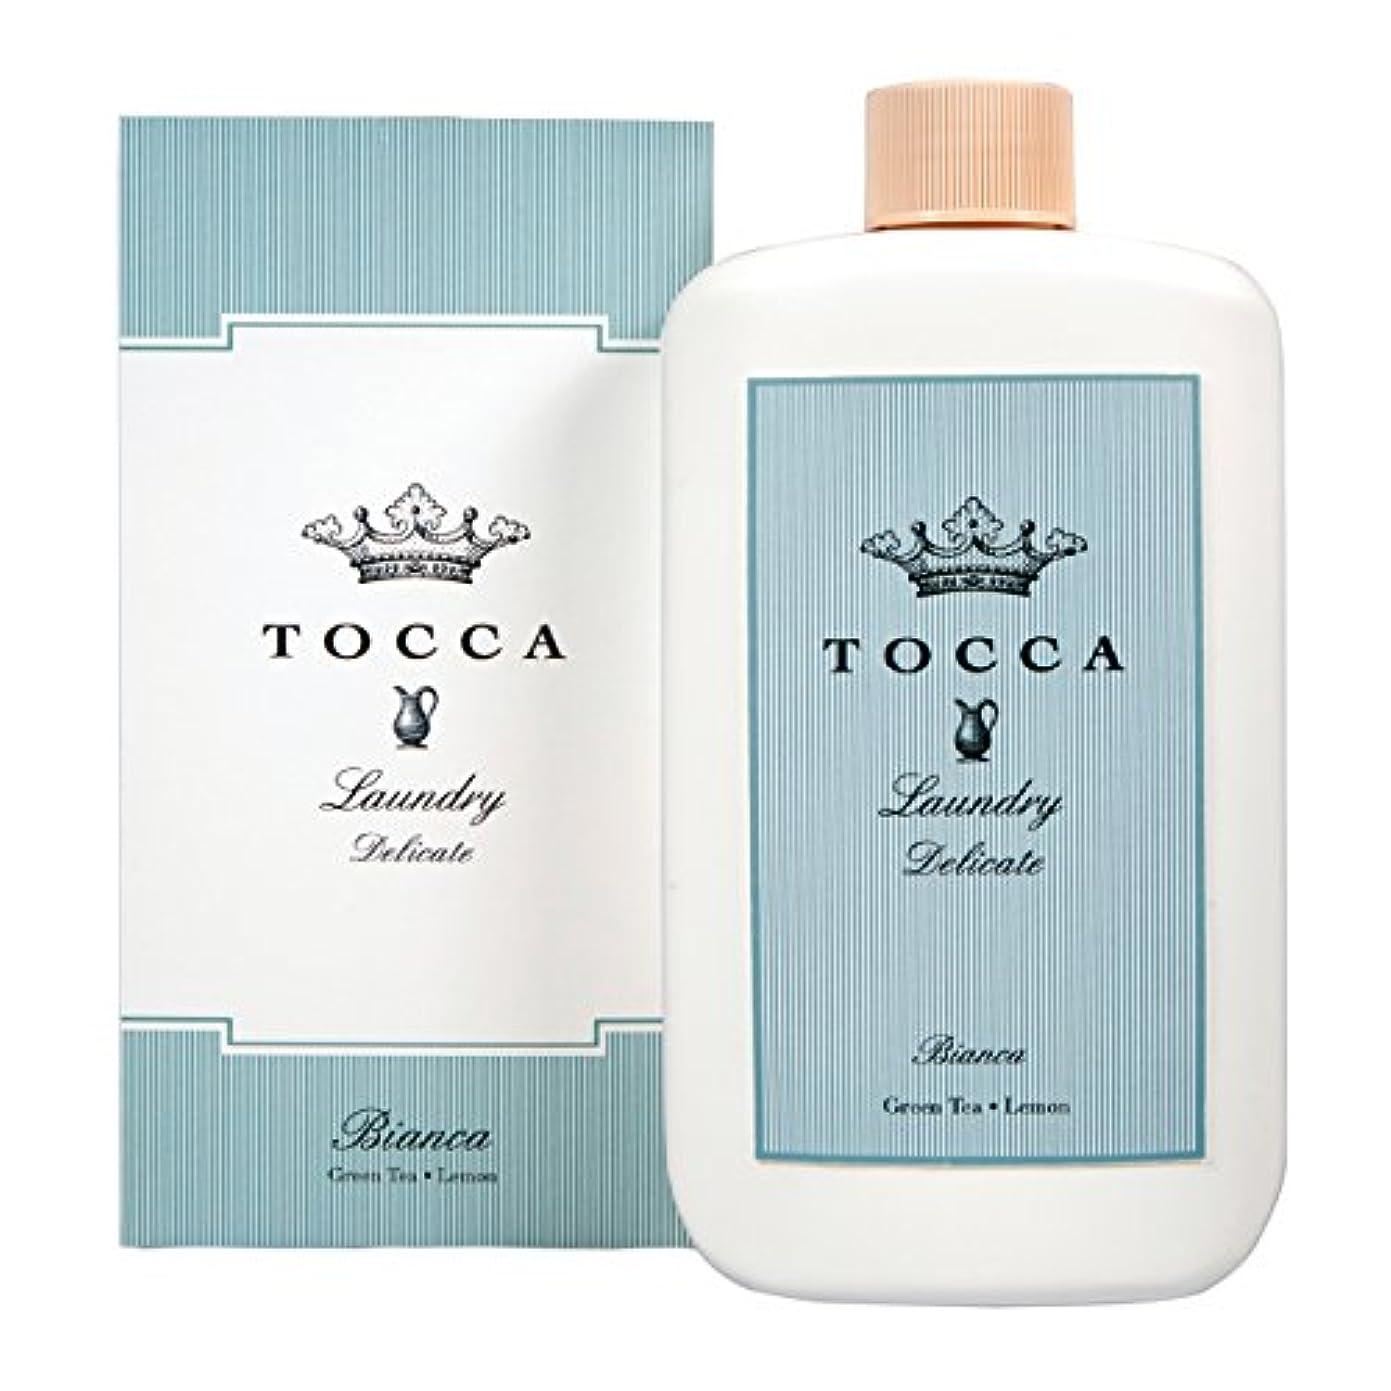 聴覚障害者ギャングスター枯渇トッカ(TOCCA) ランドリーデリケート ビアンカの香り 235ml (デリケート素材用洗剤 洗濯用合成洗剤 シトラスとグリーンティー、ローズが絶妙に溶け合ったほのかに甘さ漂うフレッシュな香り)